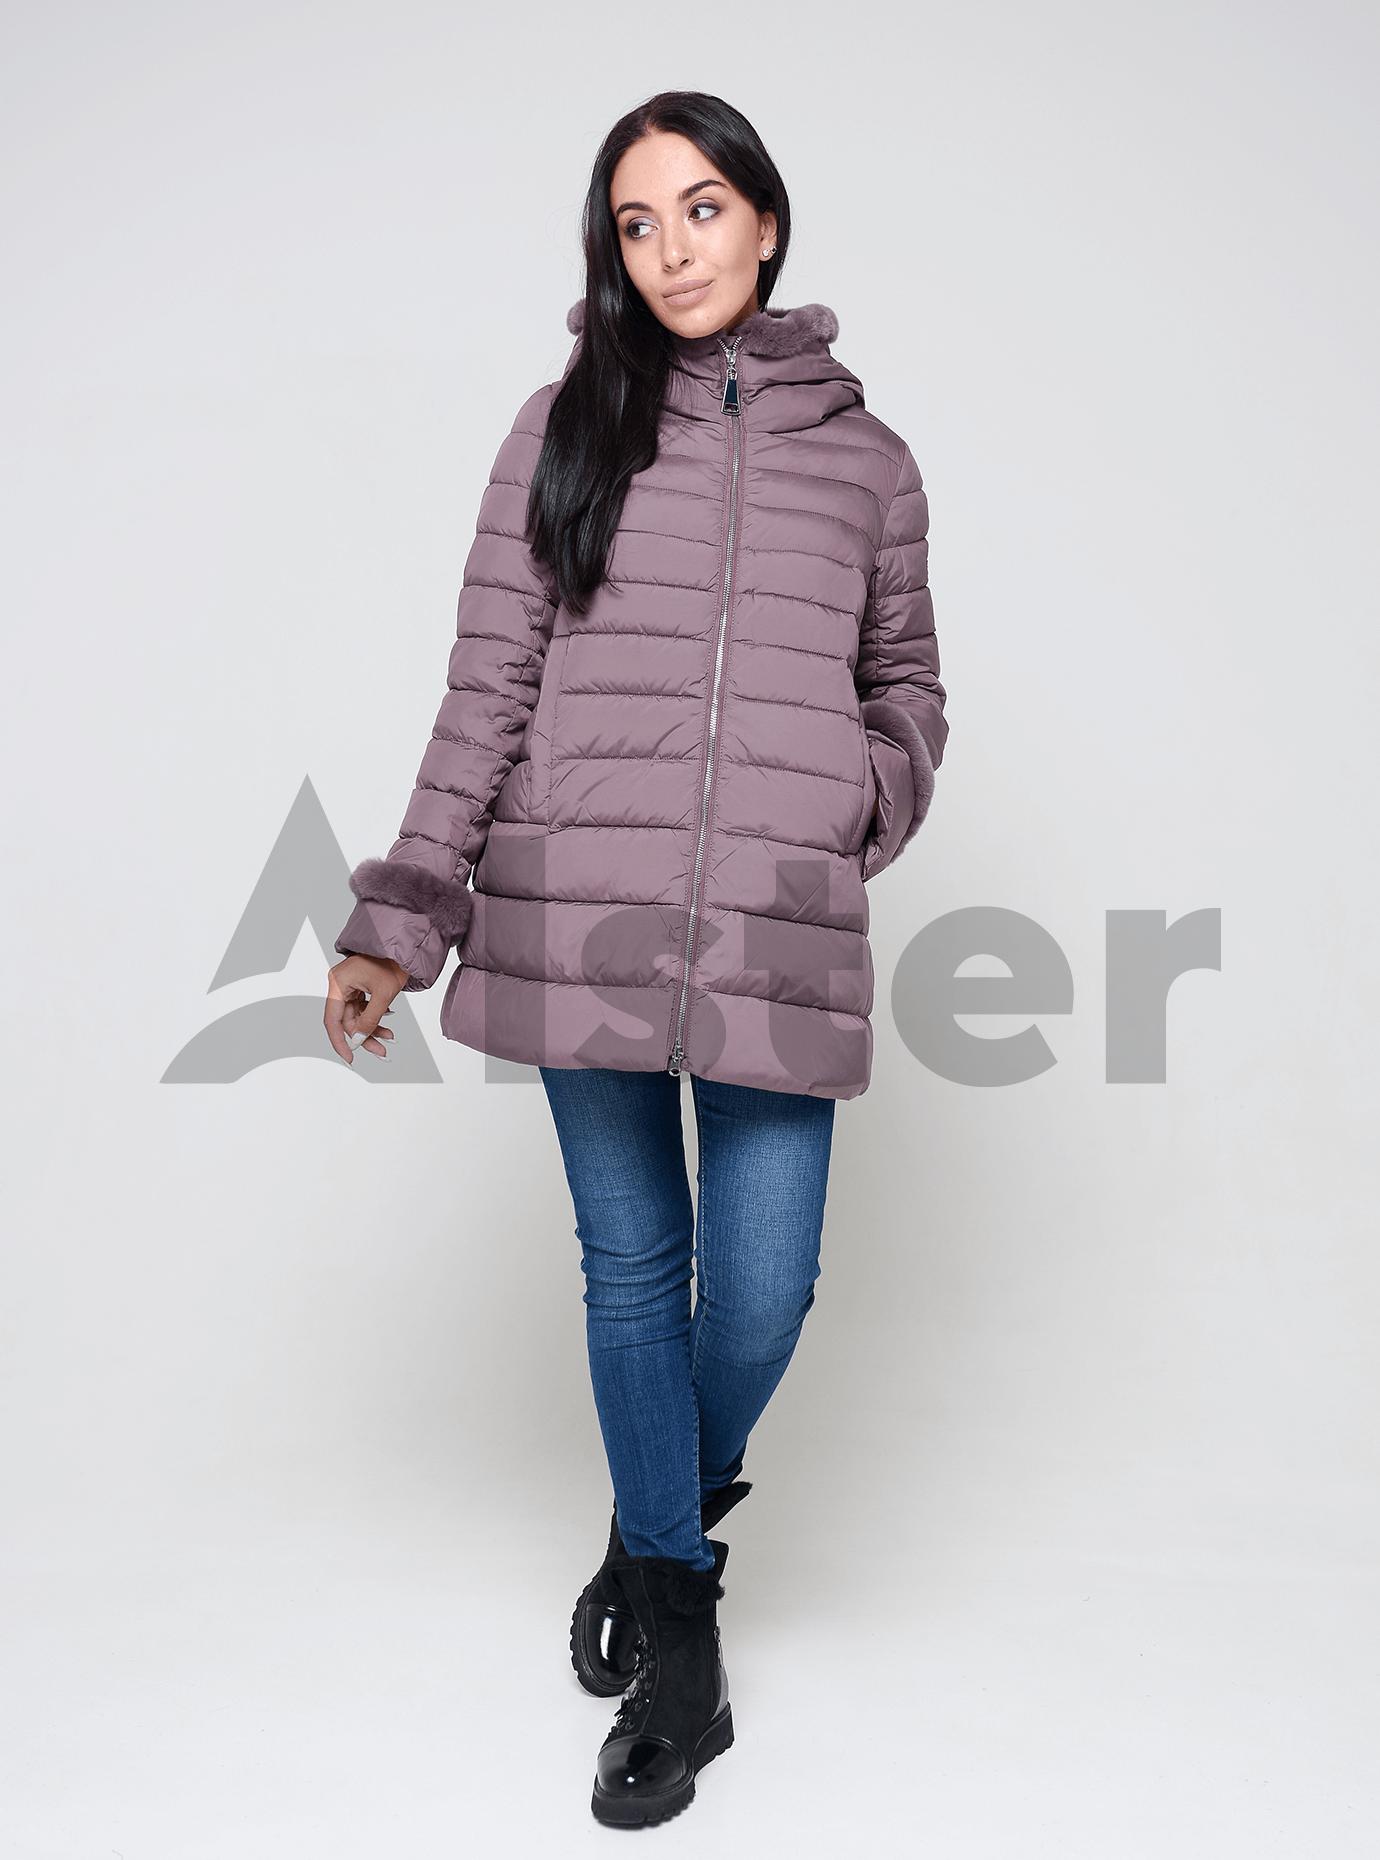 Куртка женская зимняя с мехом кролика Графитовый 54 (01-9048): фото - Alster.ua